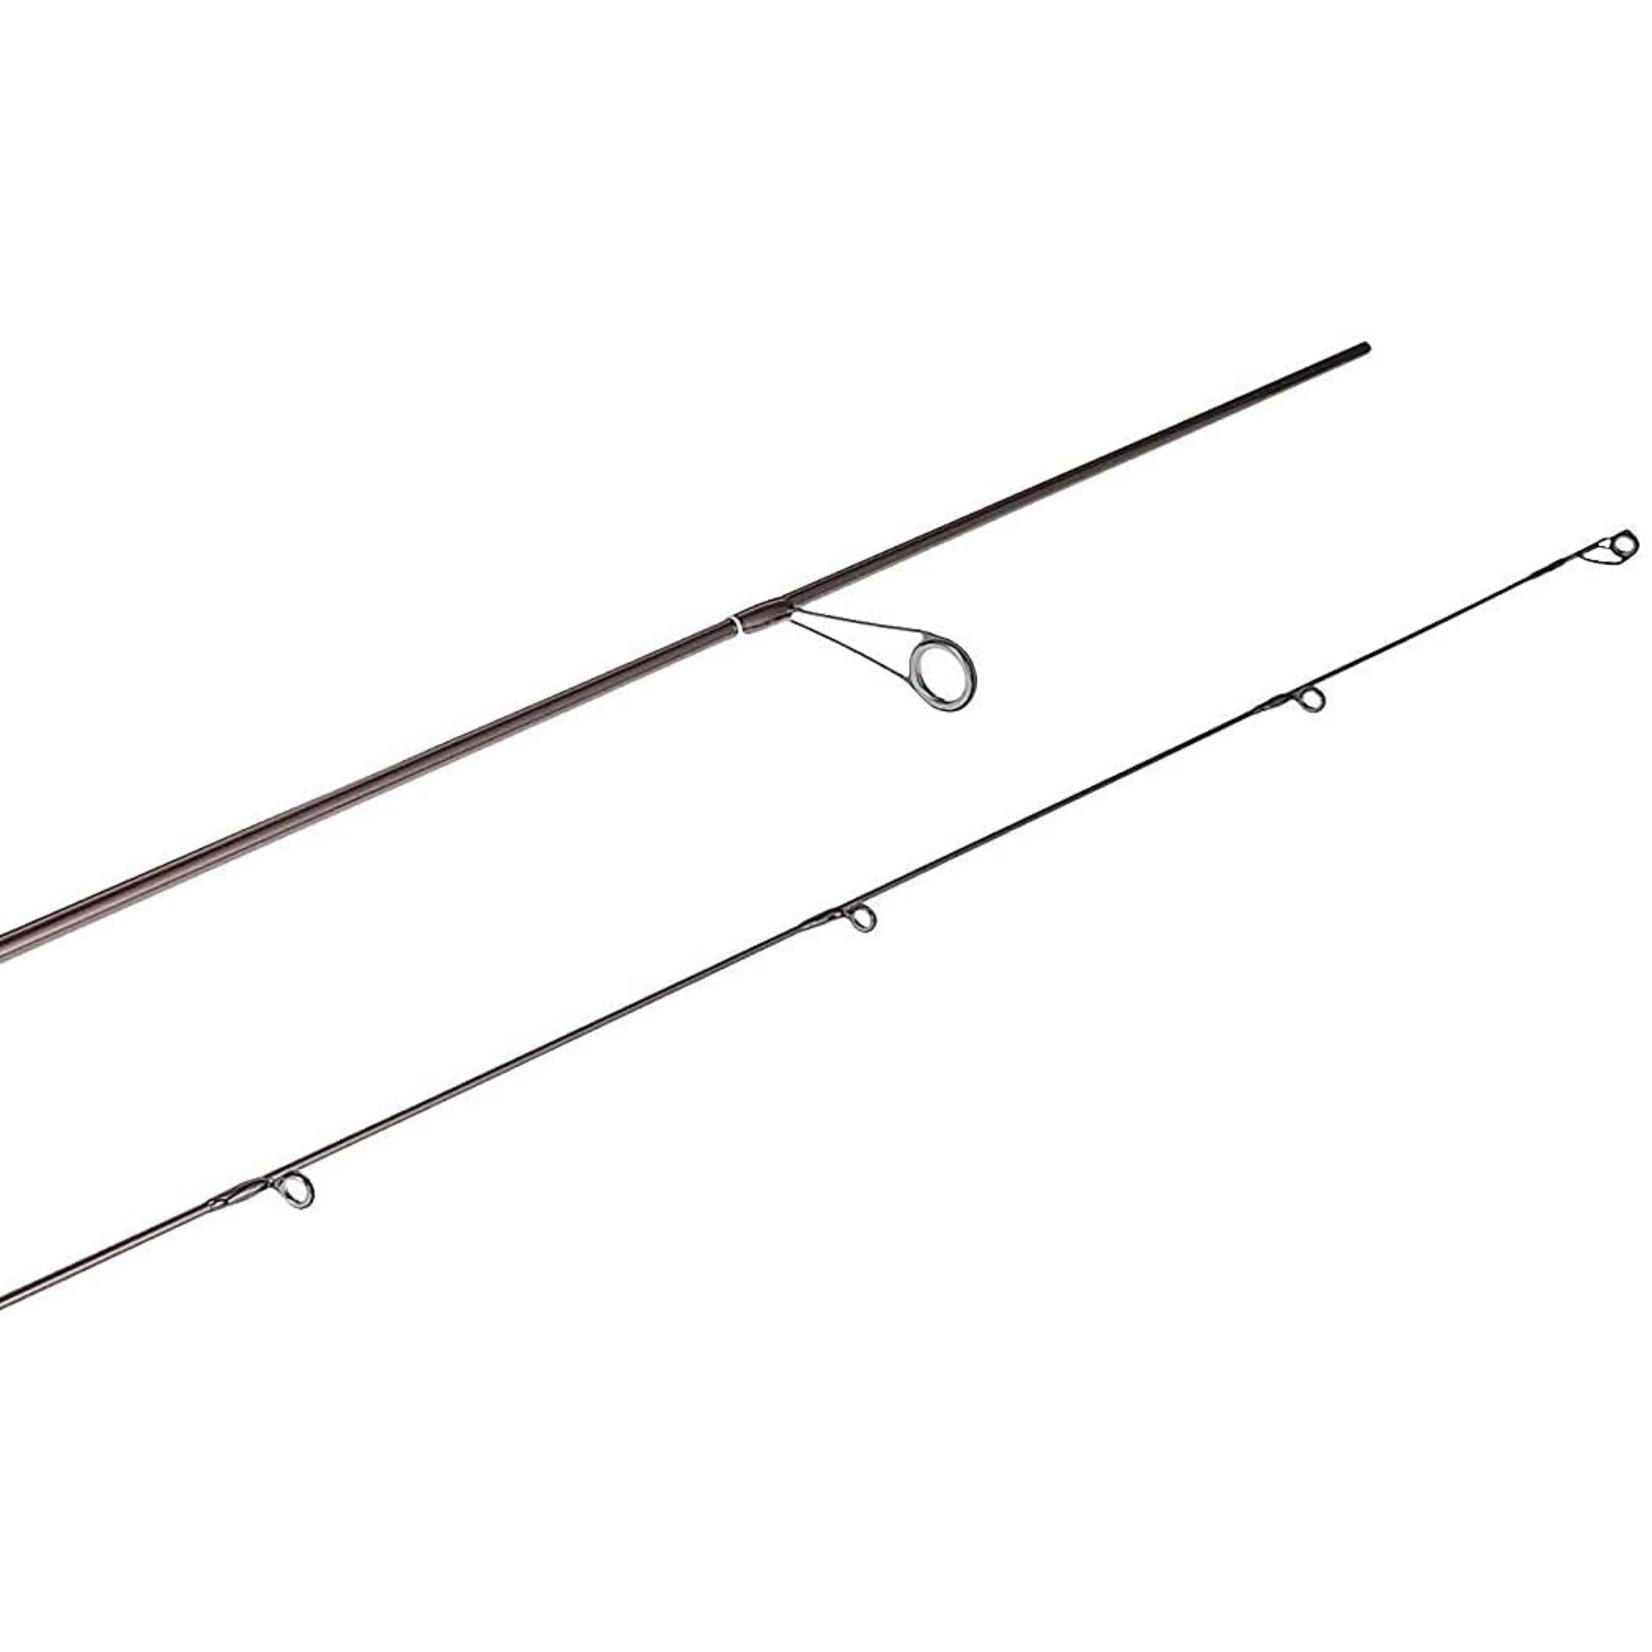 Okuma Fishing Tackle Okuma- Celilo Trout 662-Ul-1